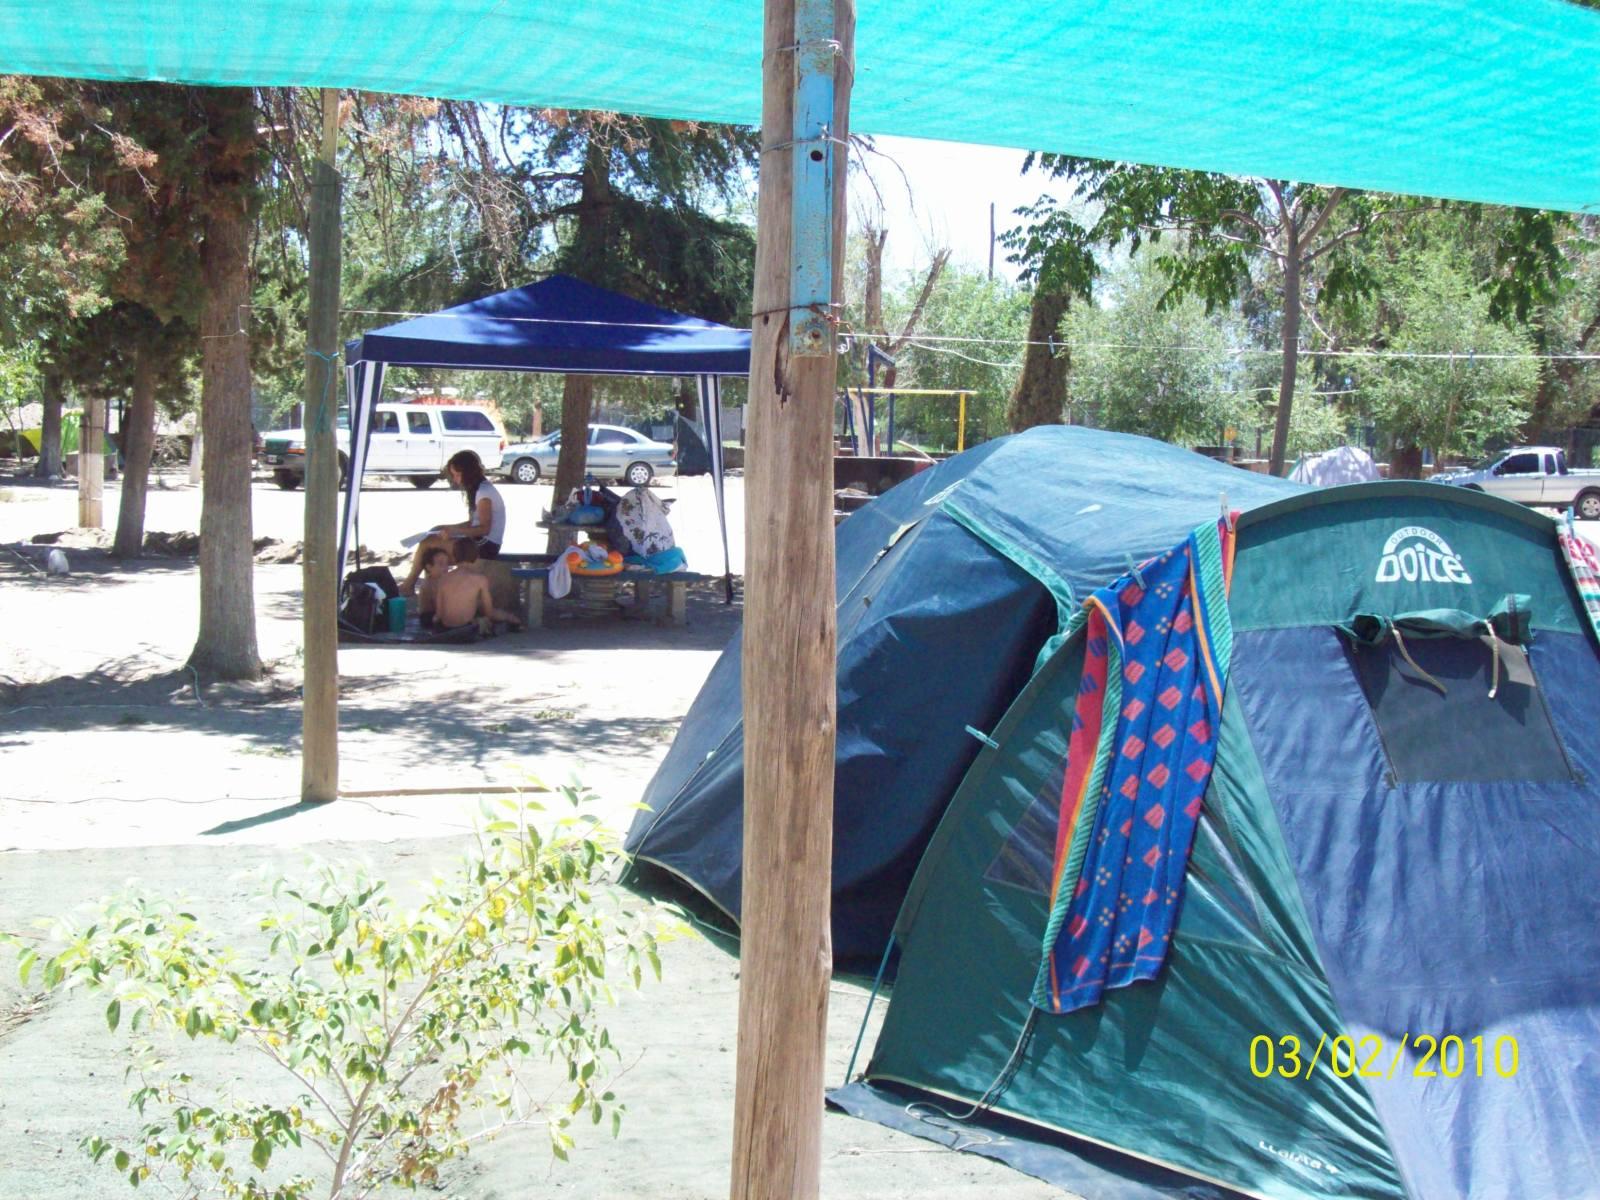 Informe Campings en Salta (Ahora con imágenes) 2uzqqyr